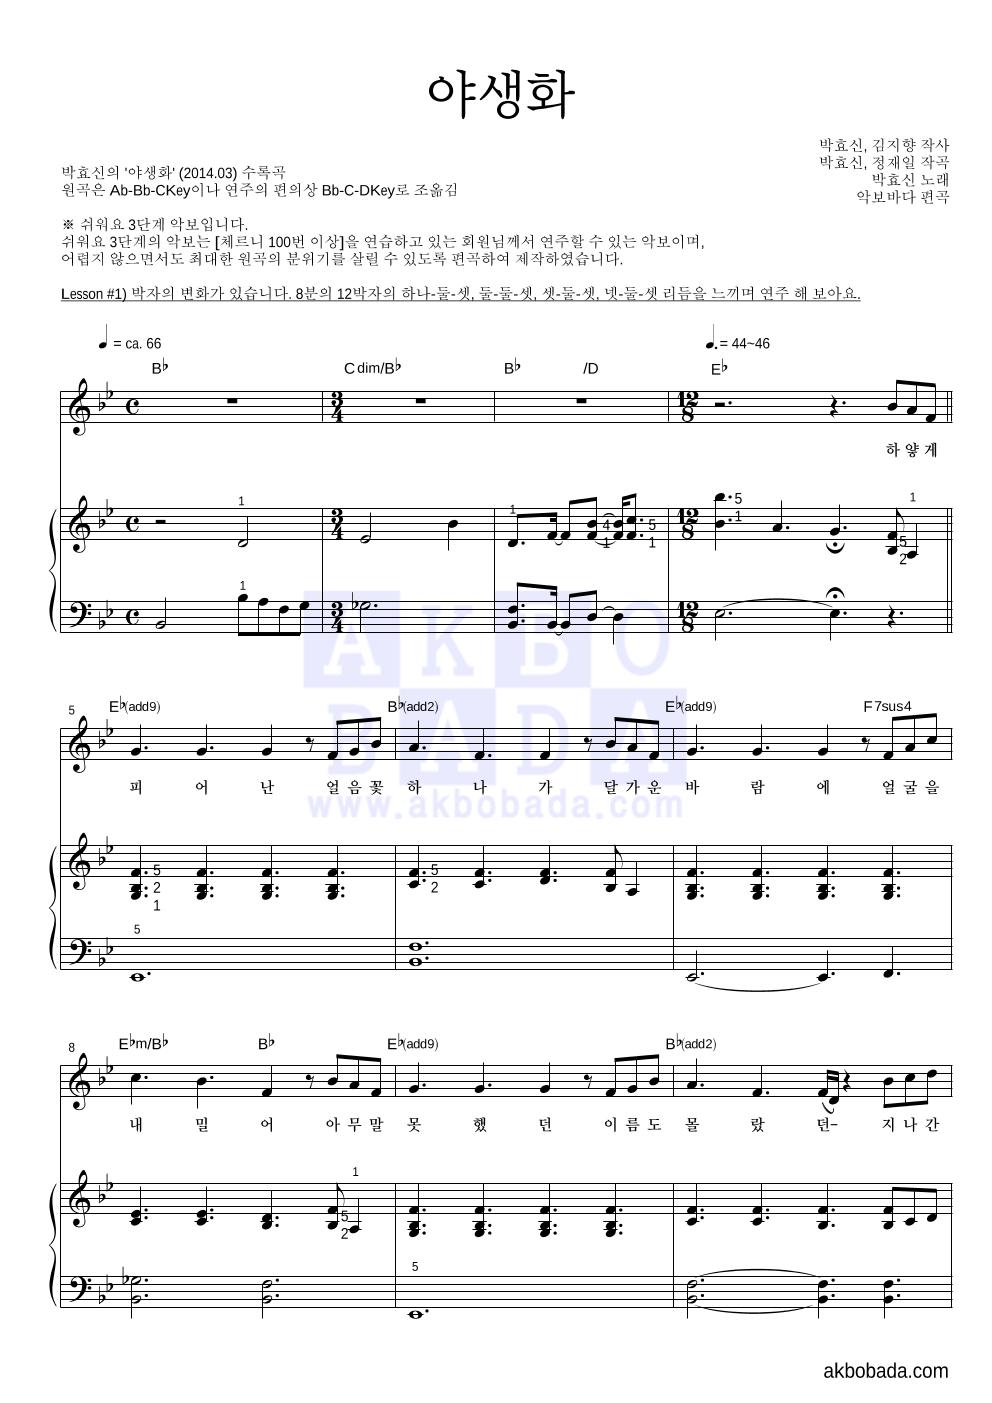 박효신 - 야생화 피아노3단-쉬워요 악보